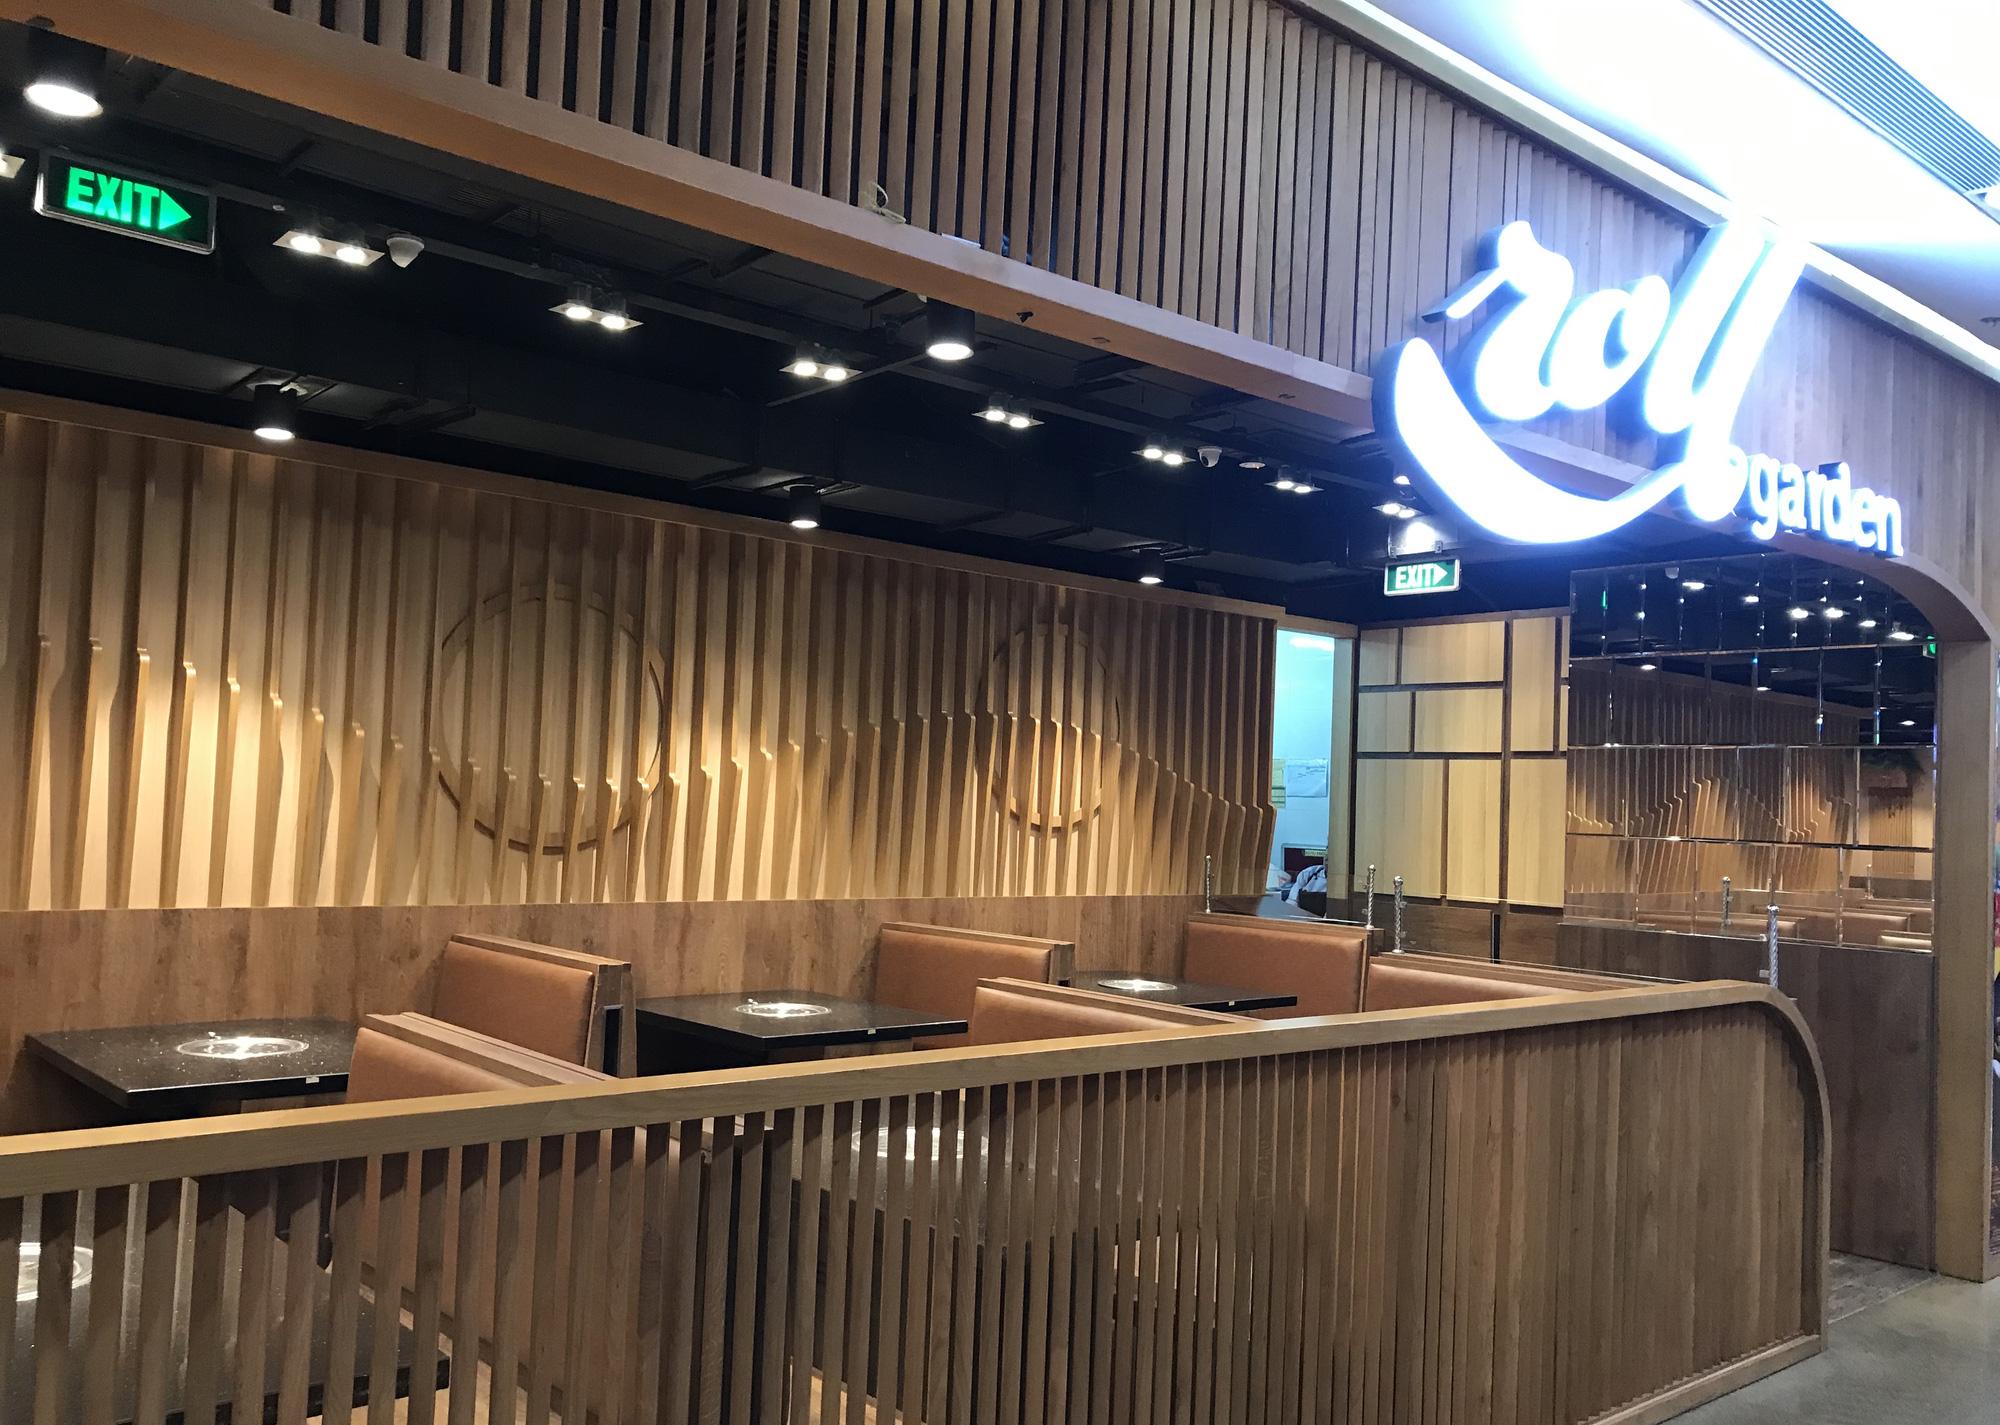 Nhà hàng, quán ăn, cà phê, trà sữa ở Sài Gòn quay lại cảnh đợi khách, vắng tanh chưa từng thấy vì dịch Covid-19 - Ảnh 2.